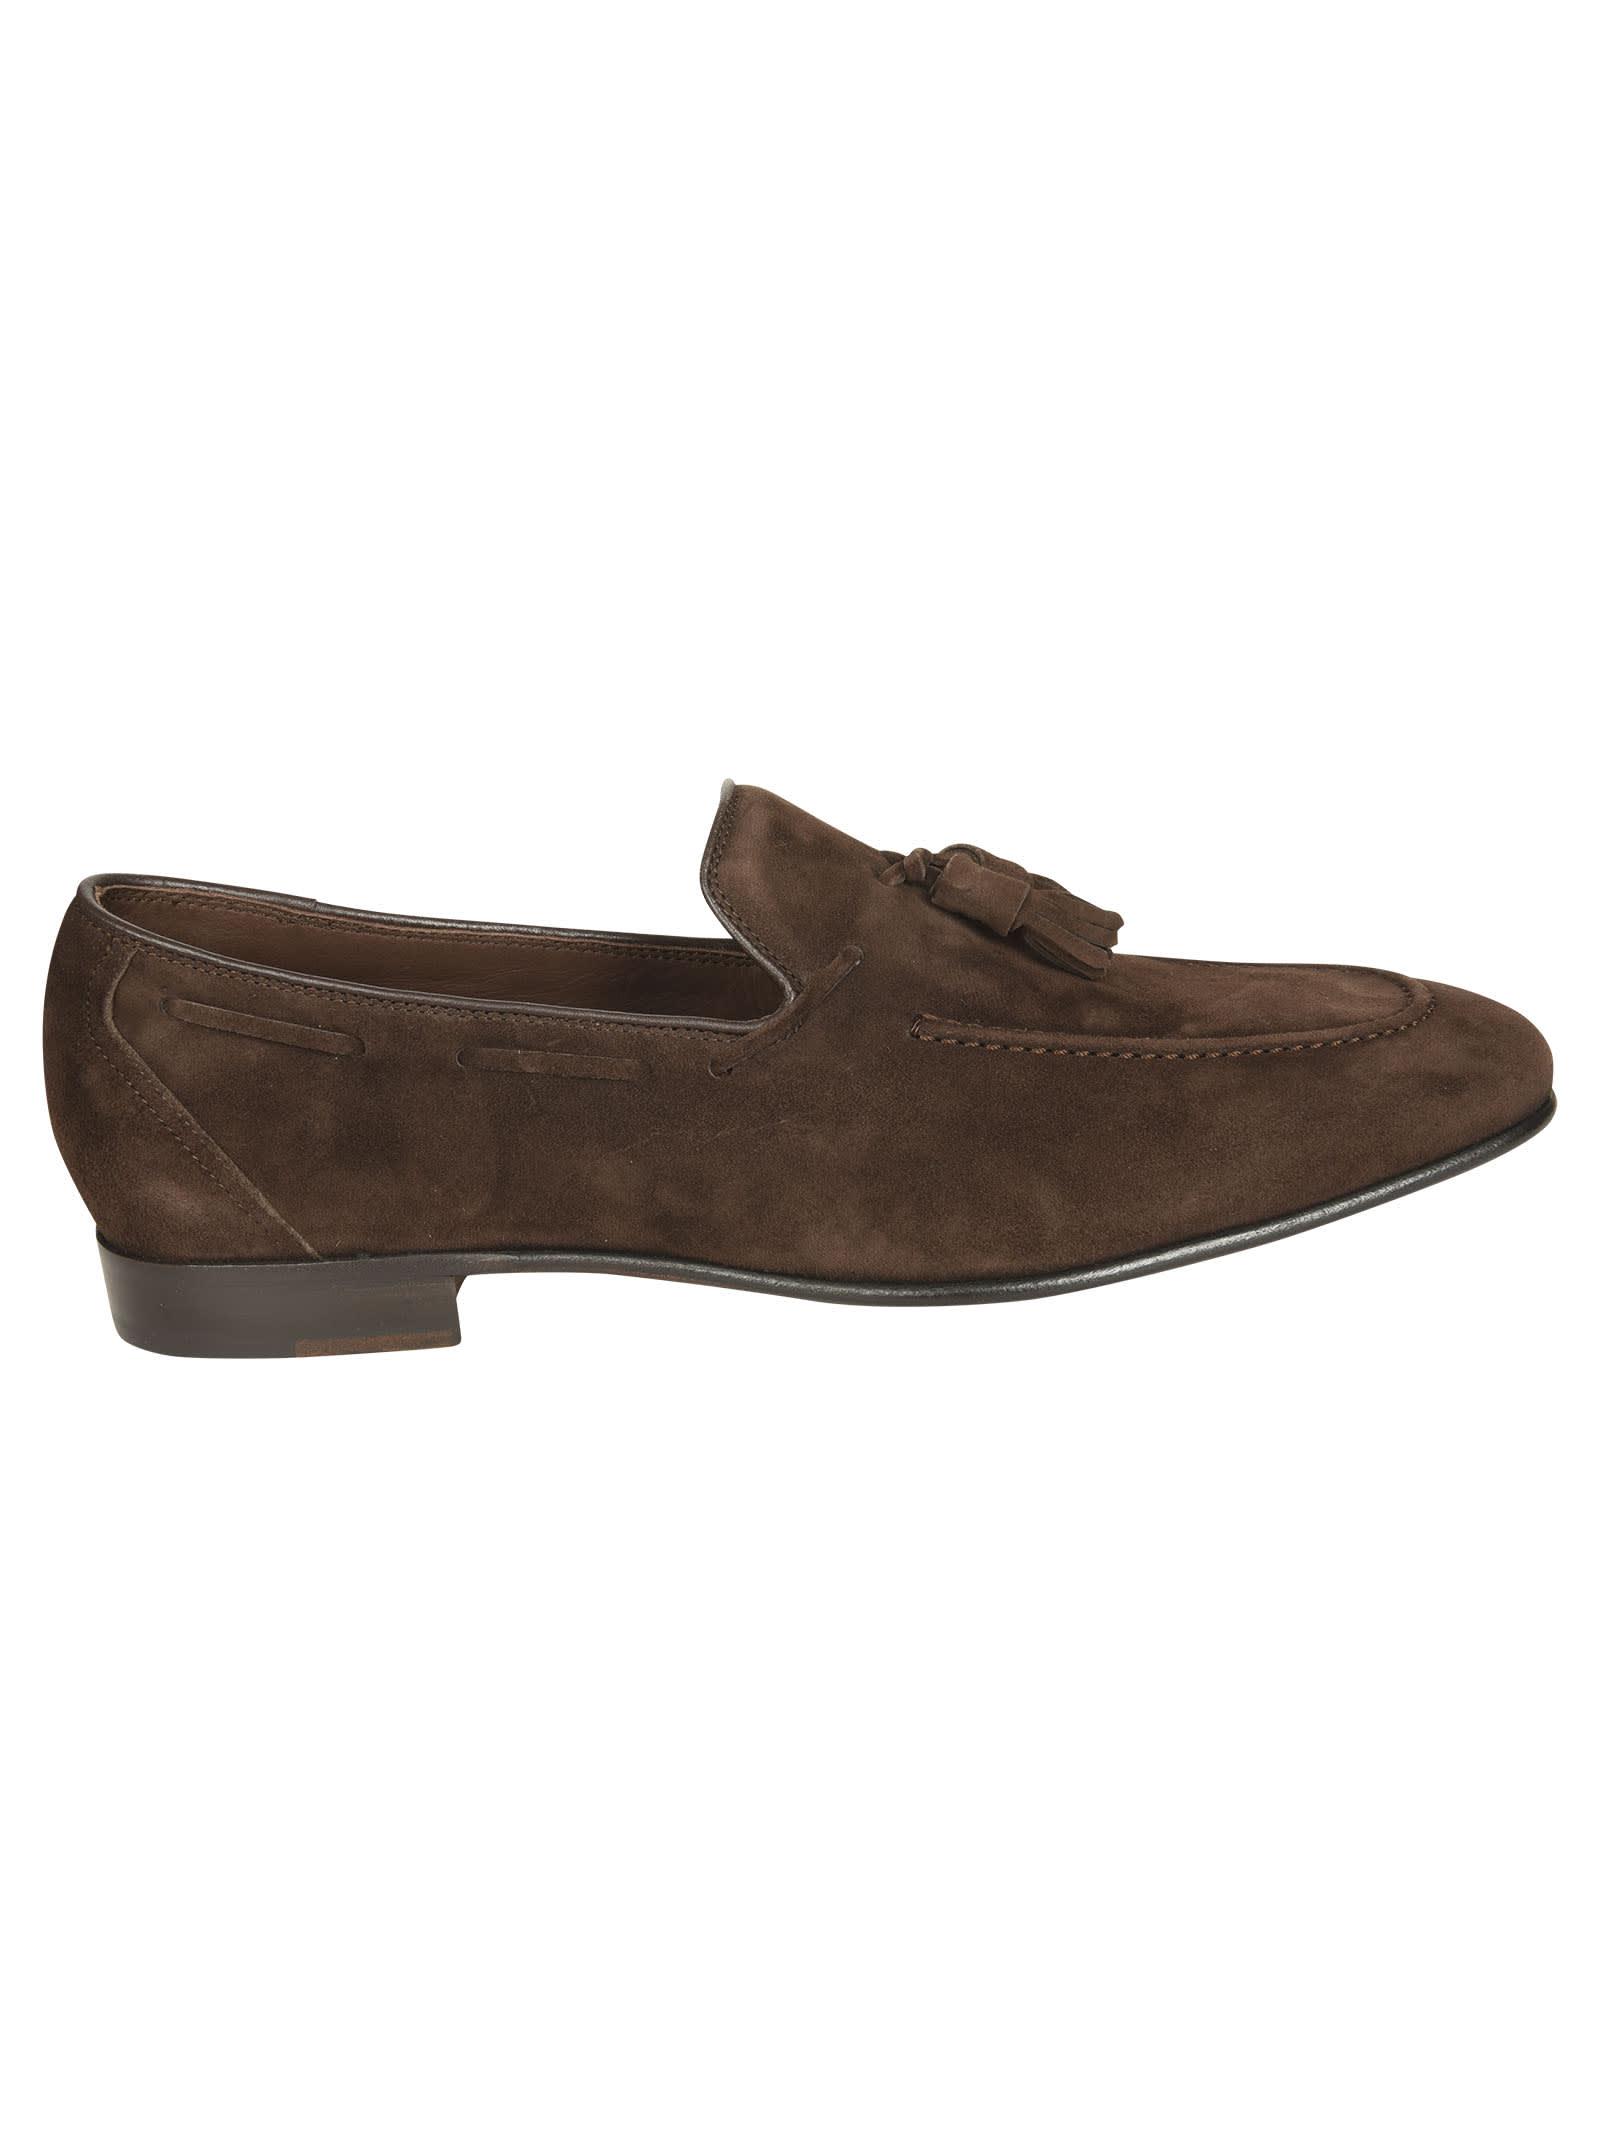 Tassel Detail Loafers